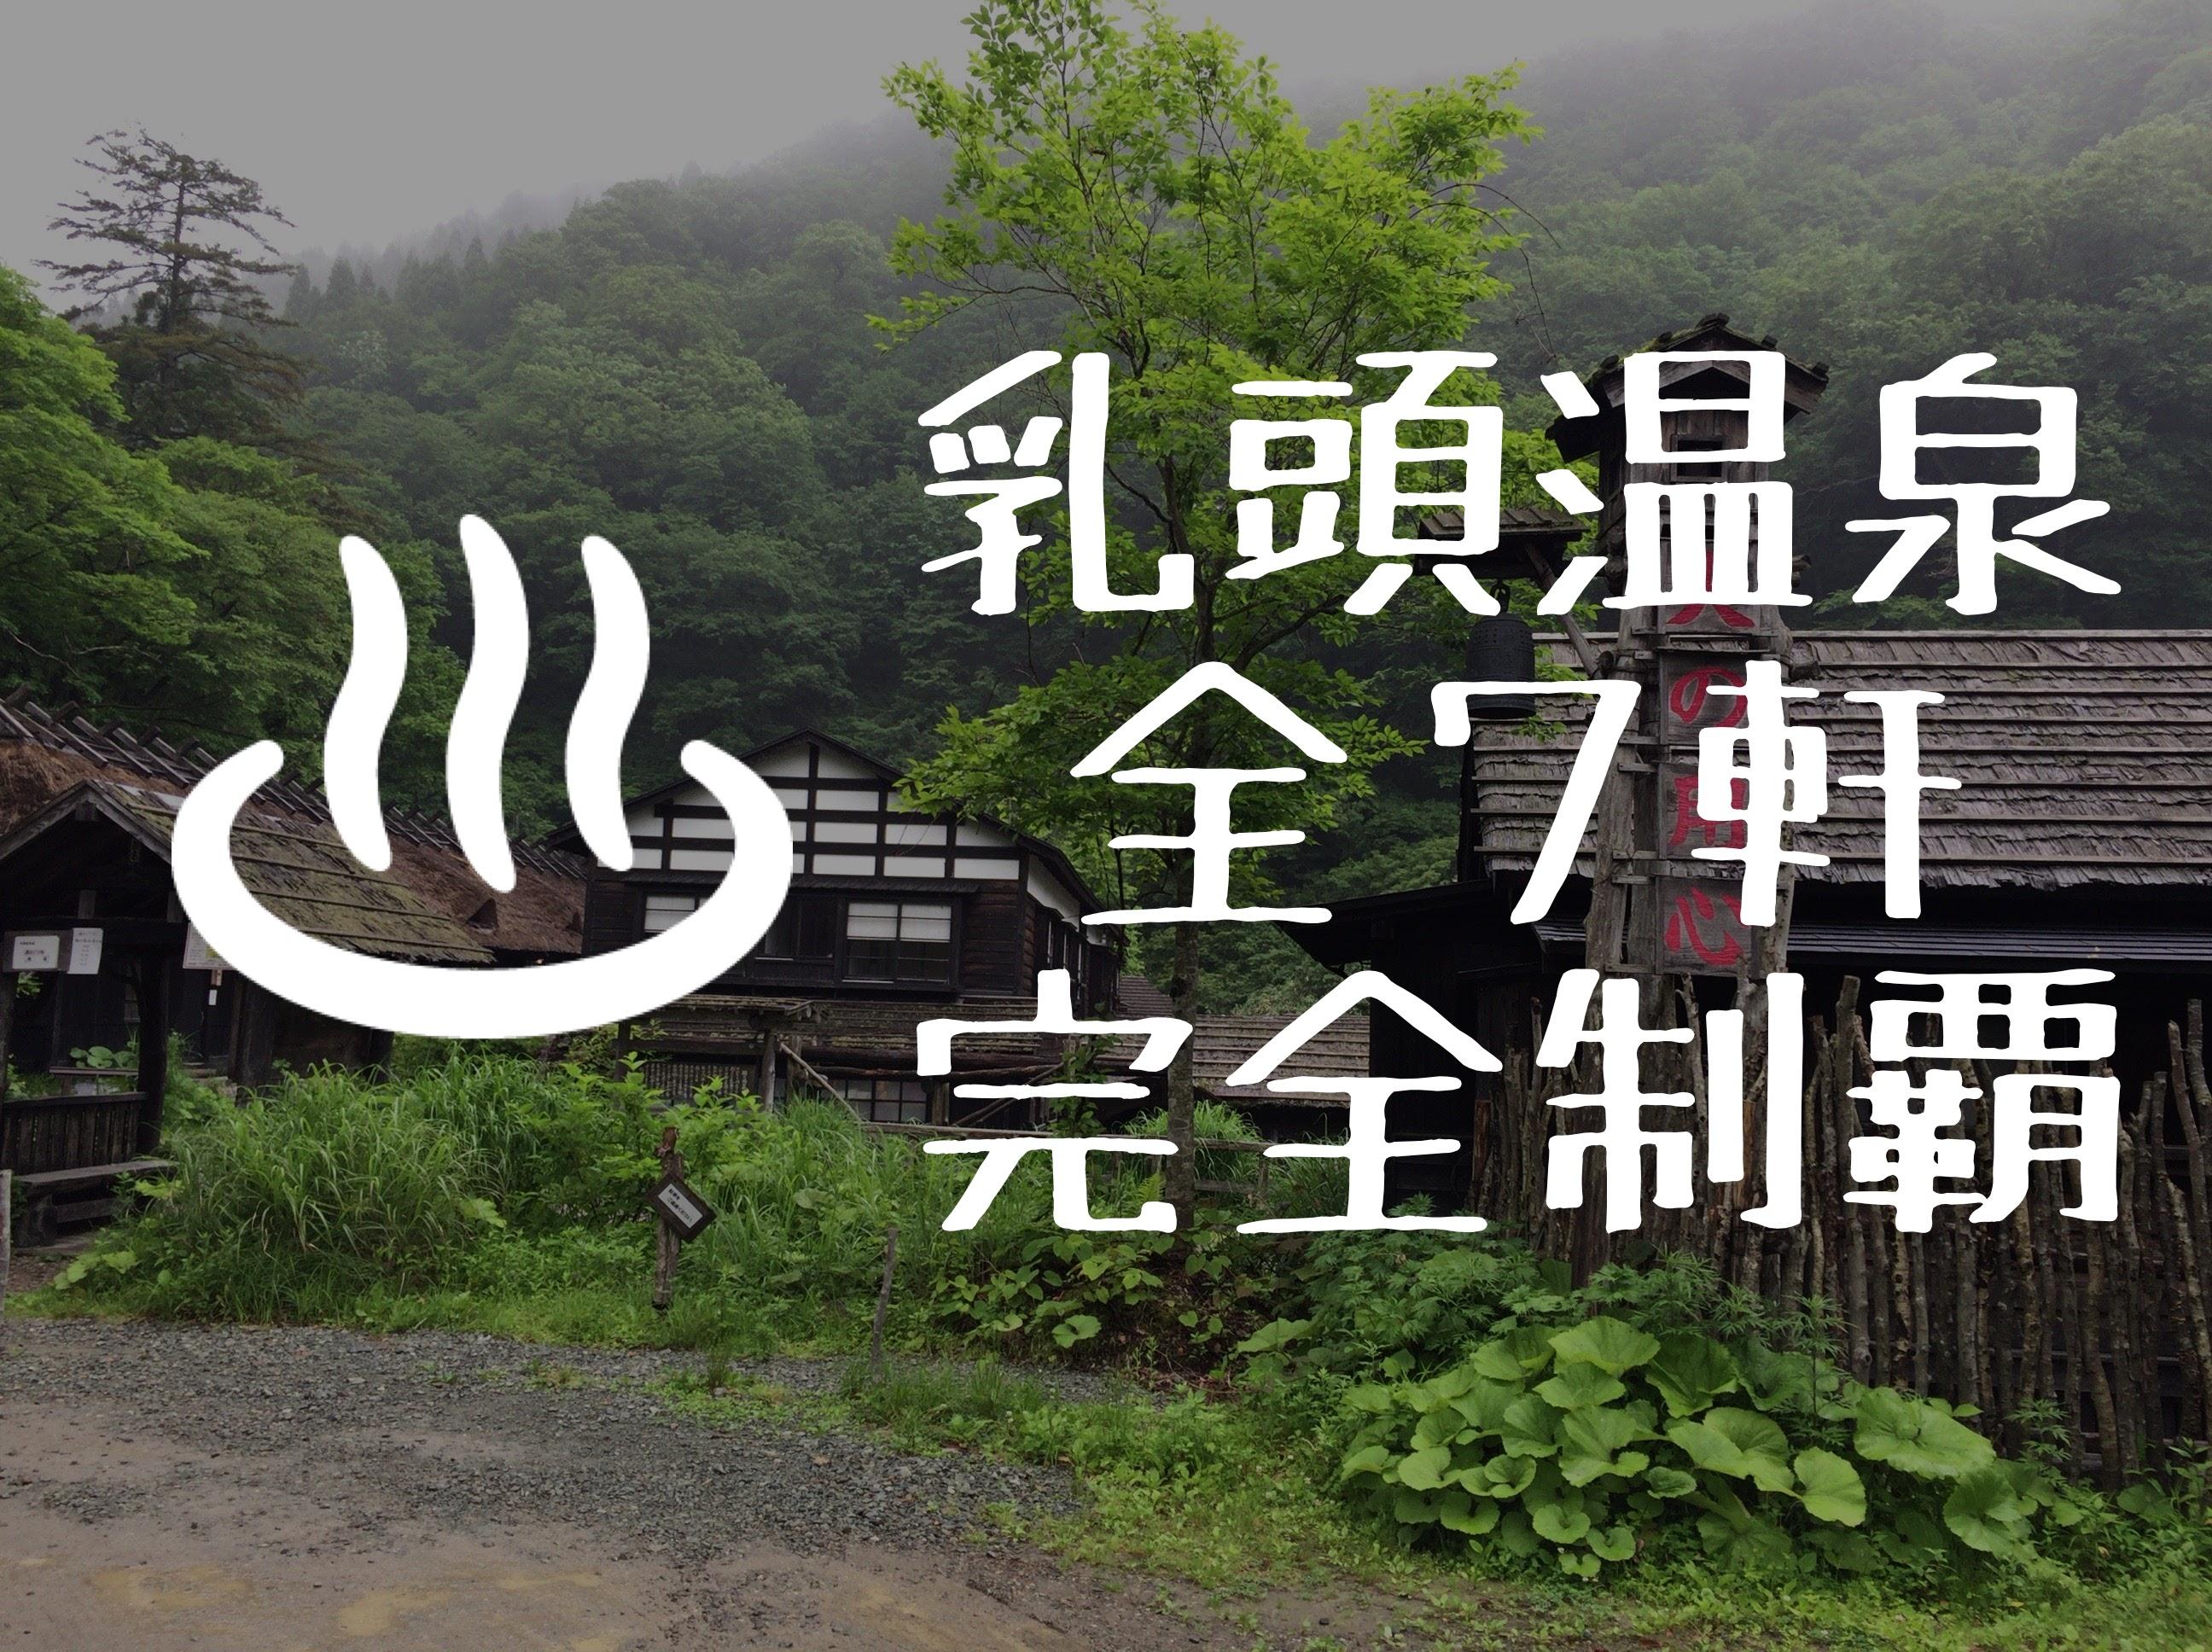 日帰りOKな秋田の秘湯「乳頭温泉」全7軒の基本情報から行程まで徹底ガイド。